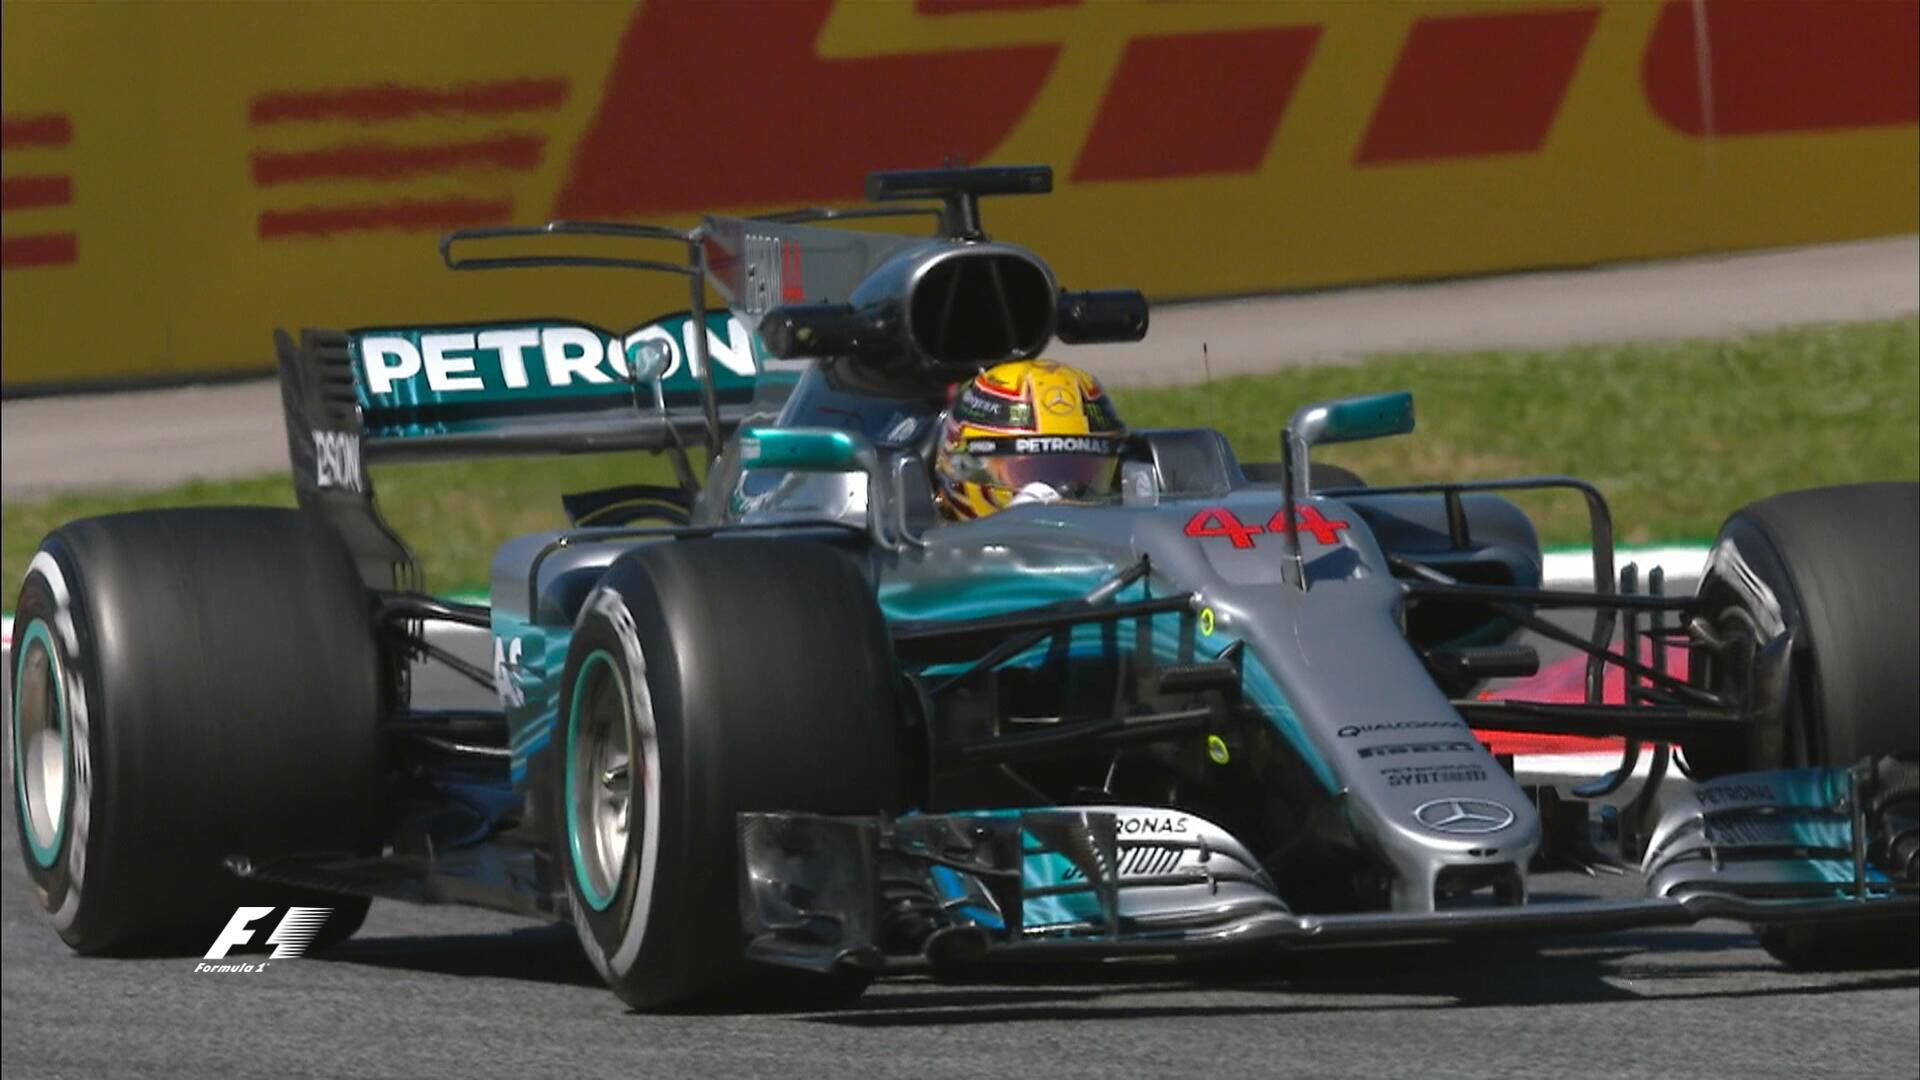 Хэмилтон продемонстрировал лучшее время во 2-ой тренировке Гран-при Испании